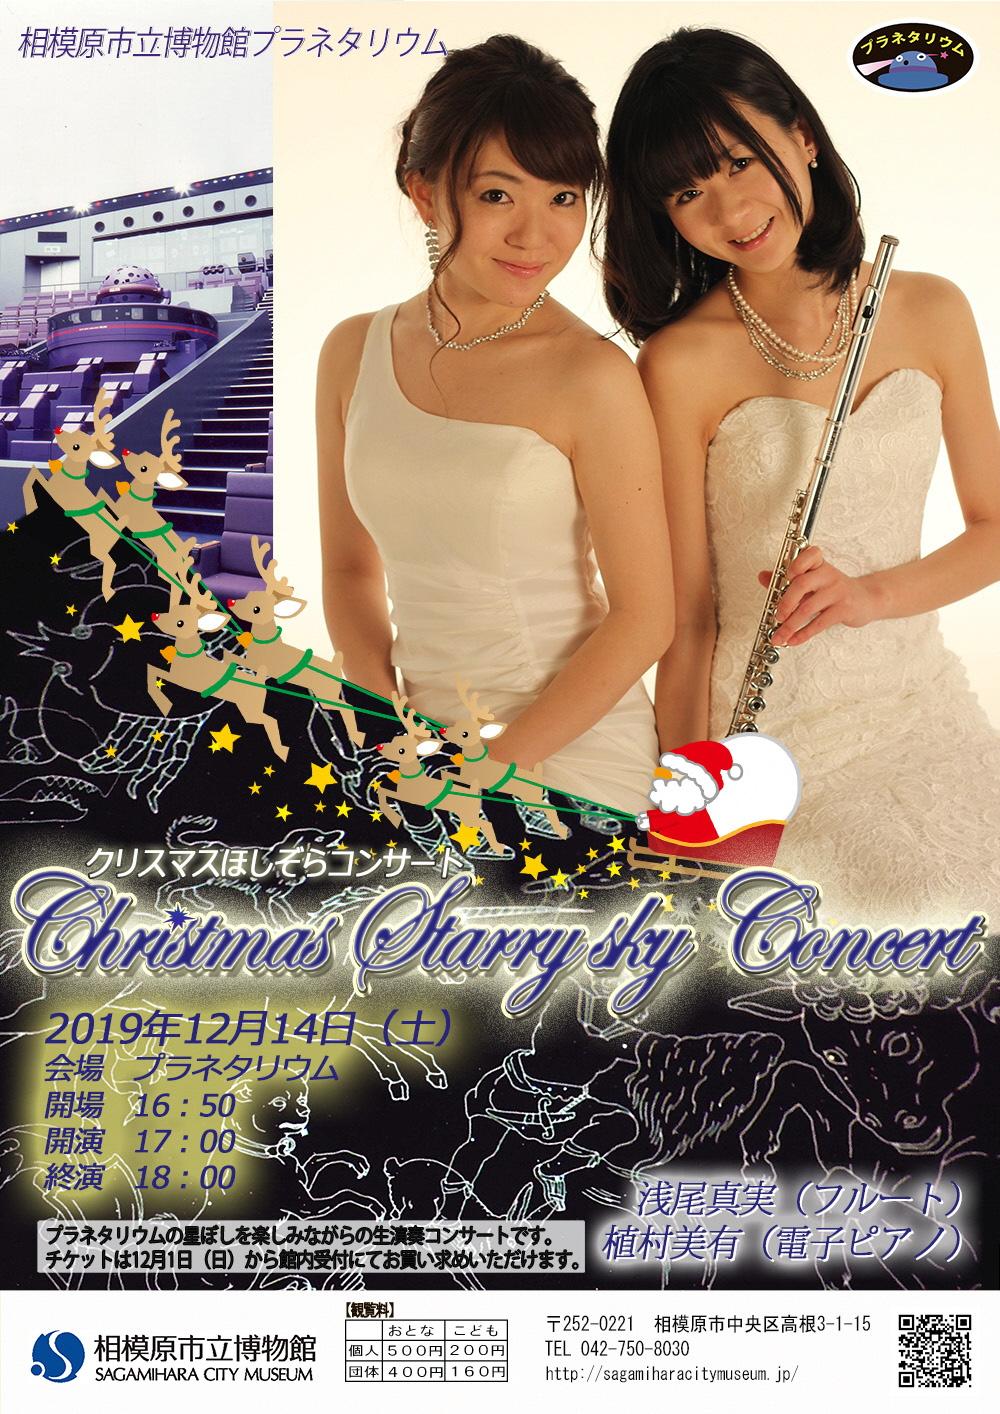 プラネタリウム「クリスマスほしぞらコンサート」(令和元年度)